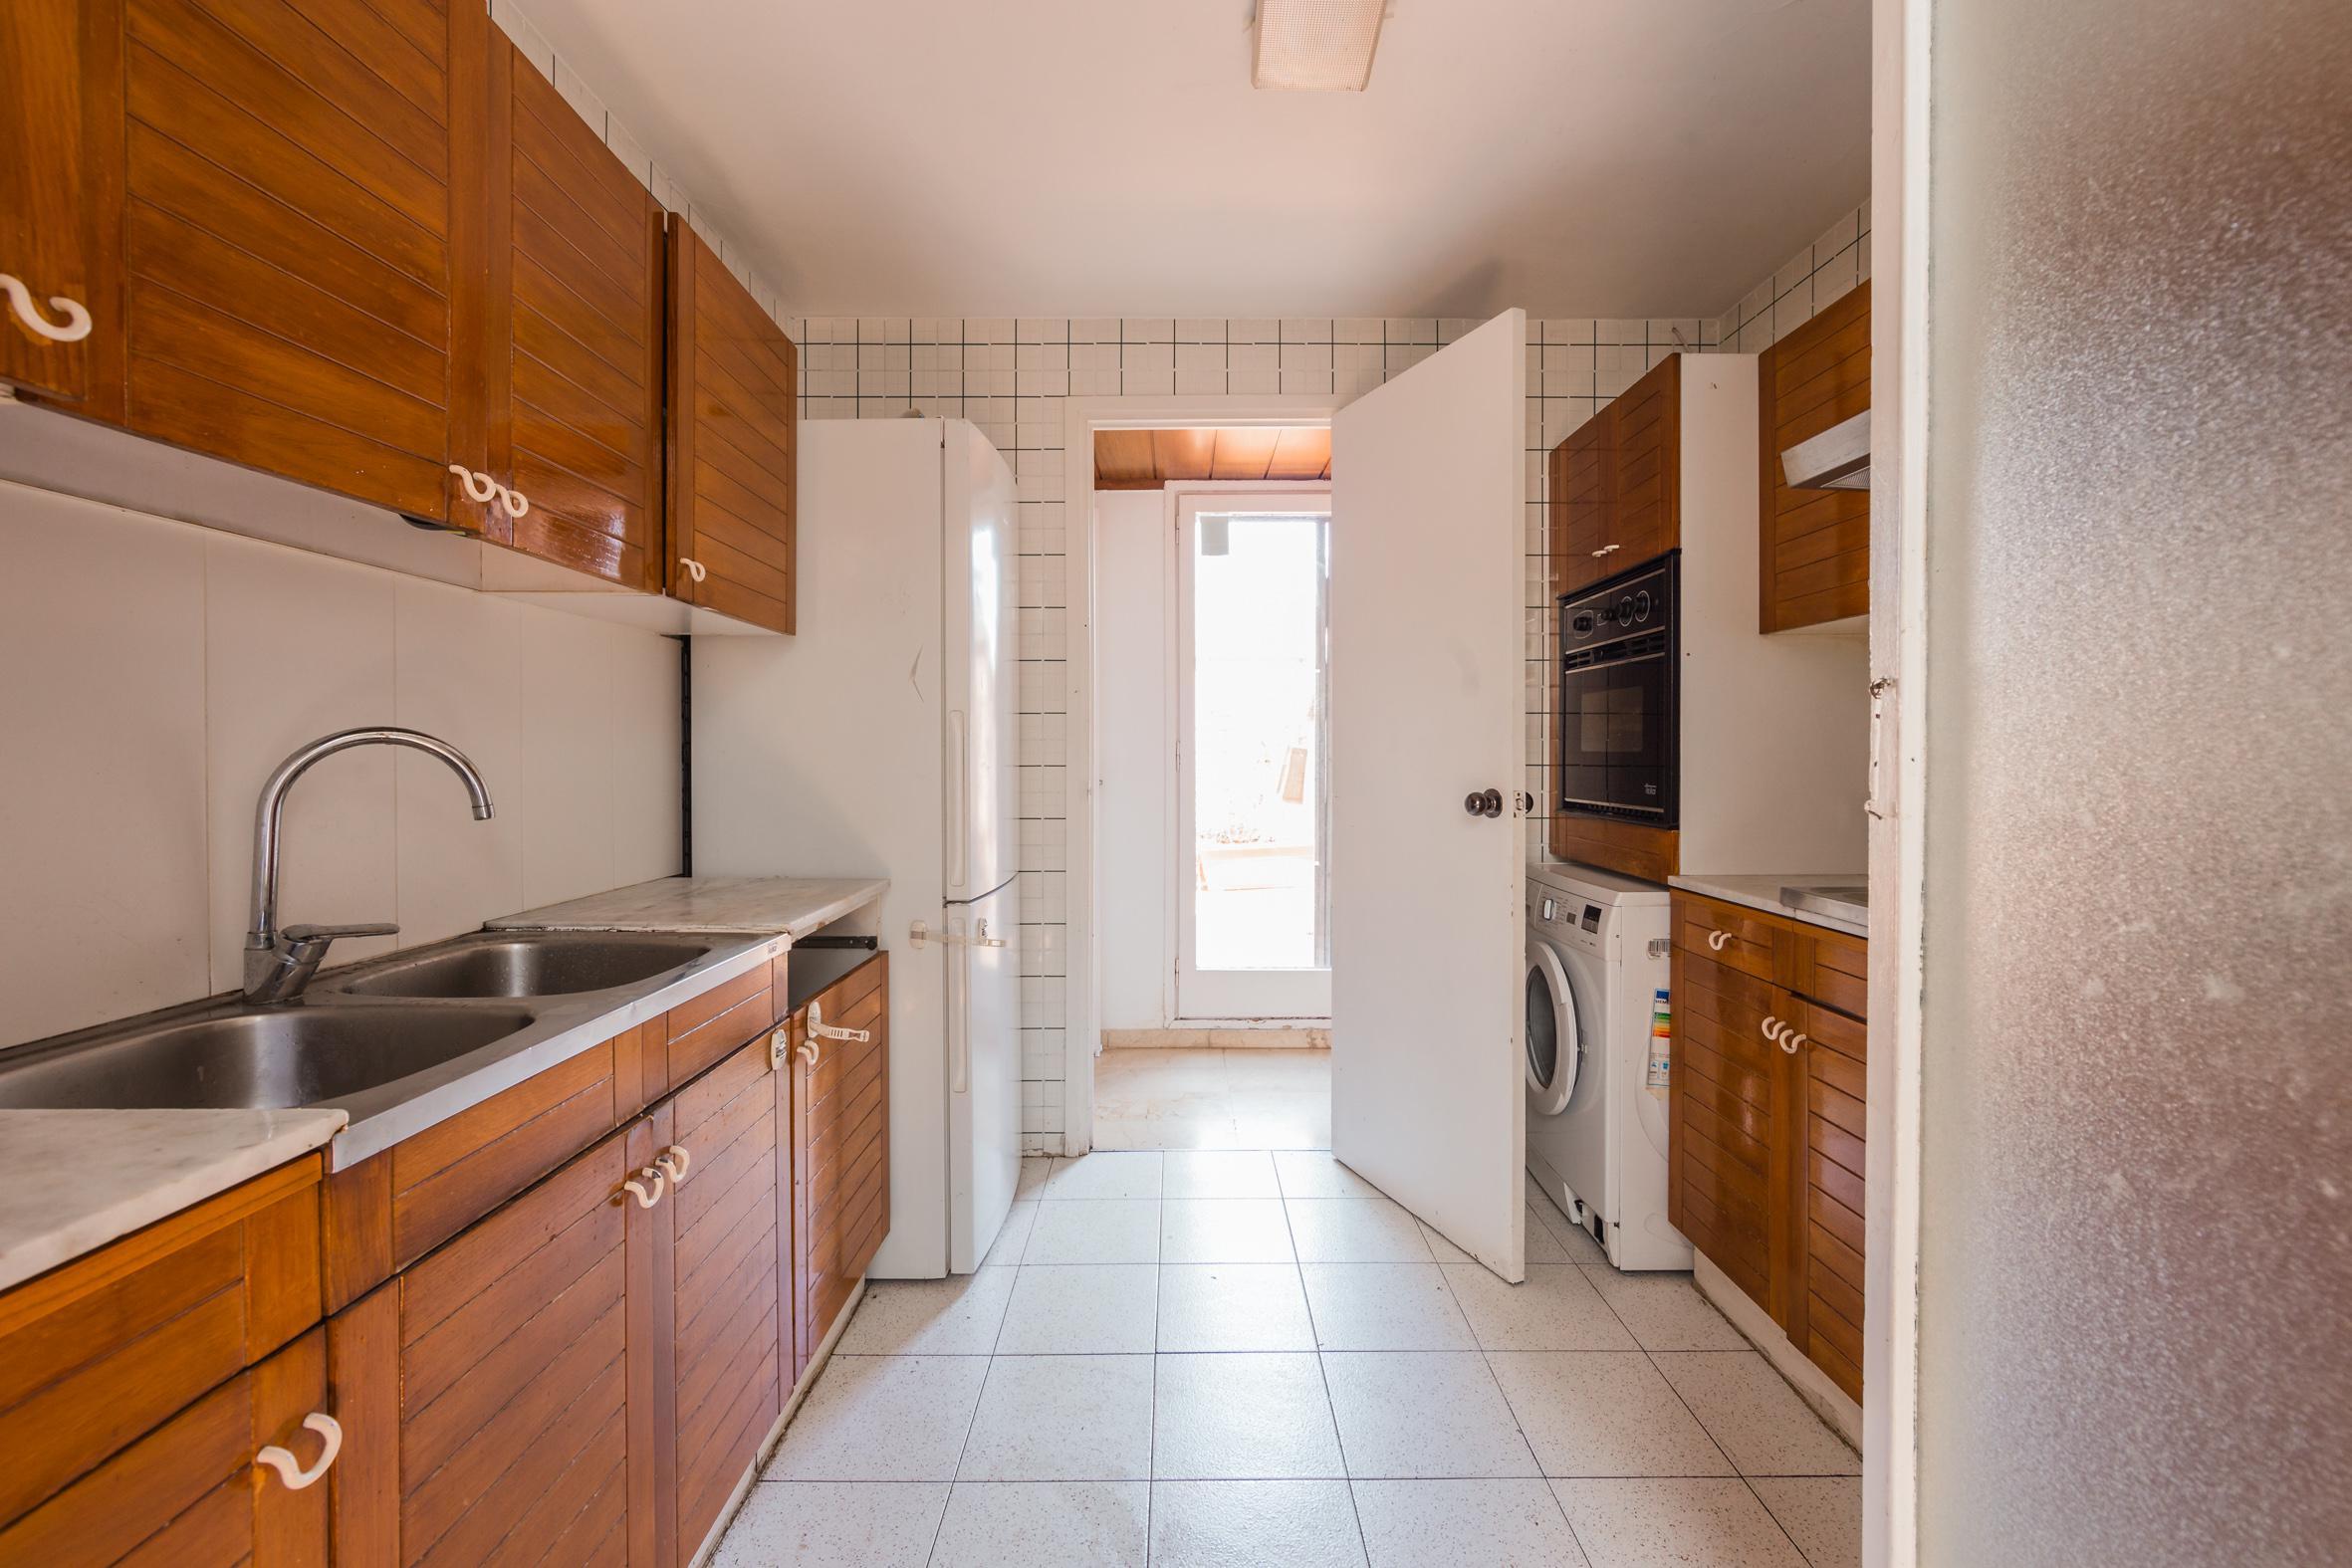 250451 Piso en venda en Sants-Montjuïc, Font de la Guatlla 18